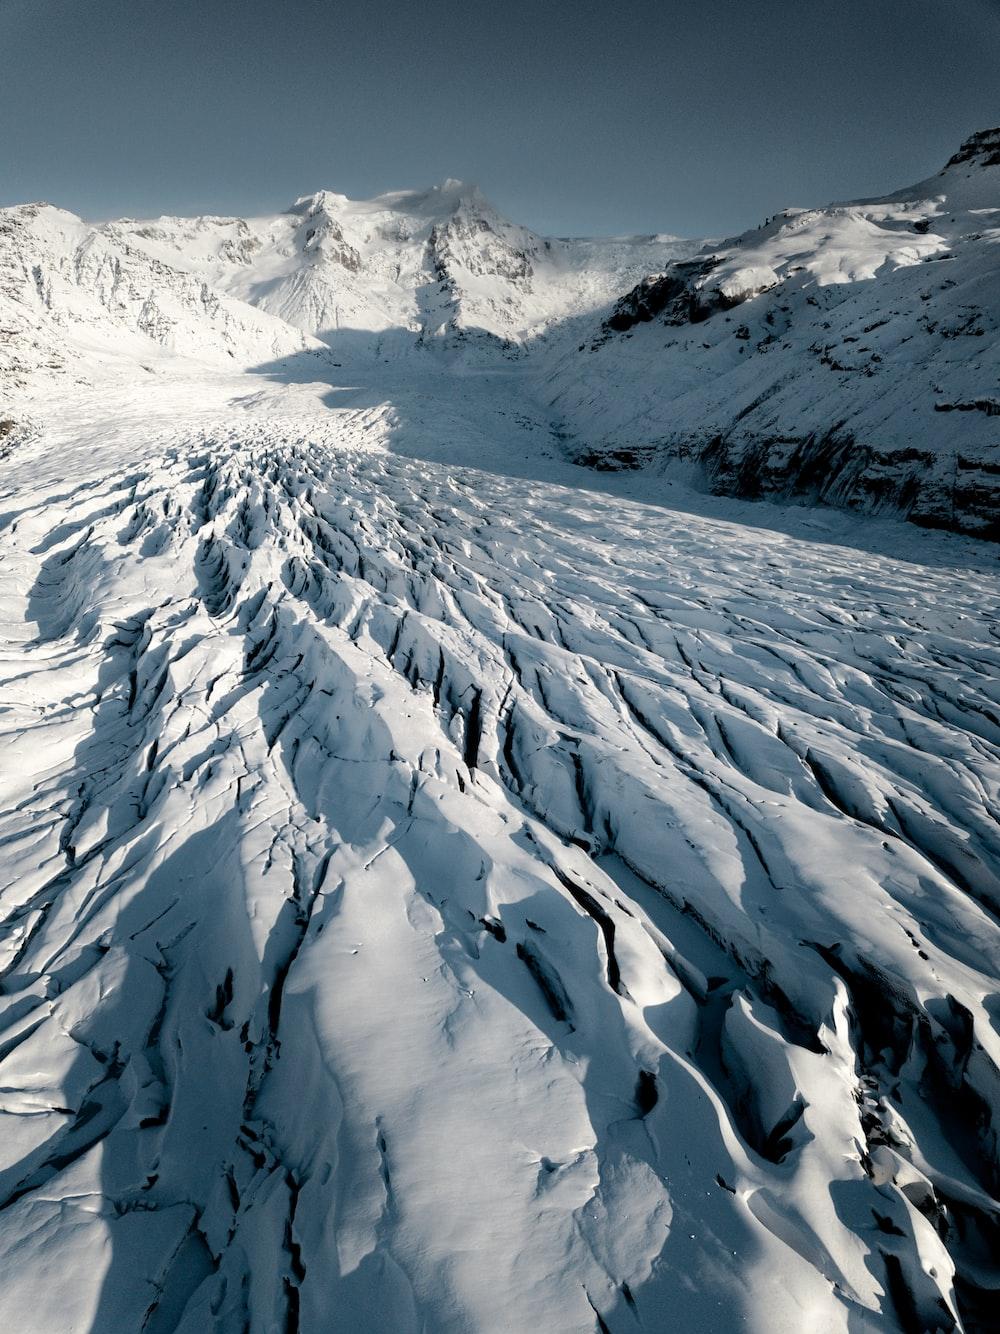 aerial photo of snow mountain